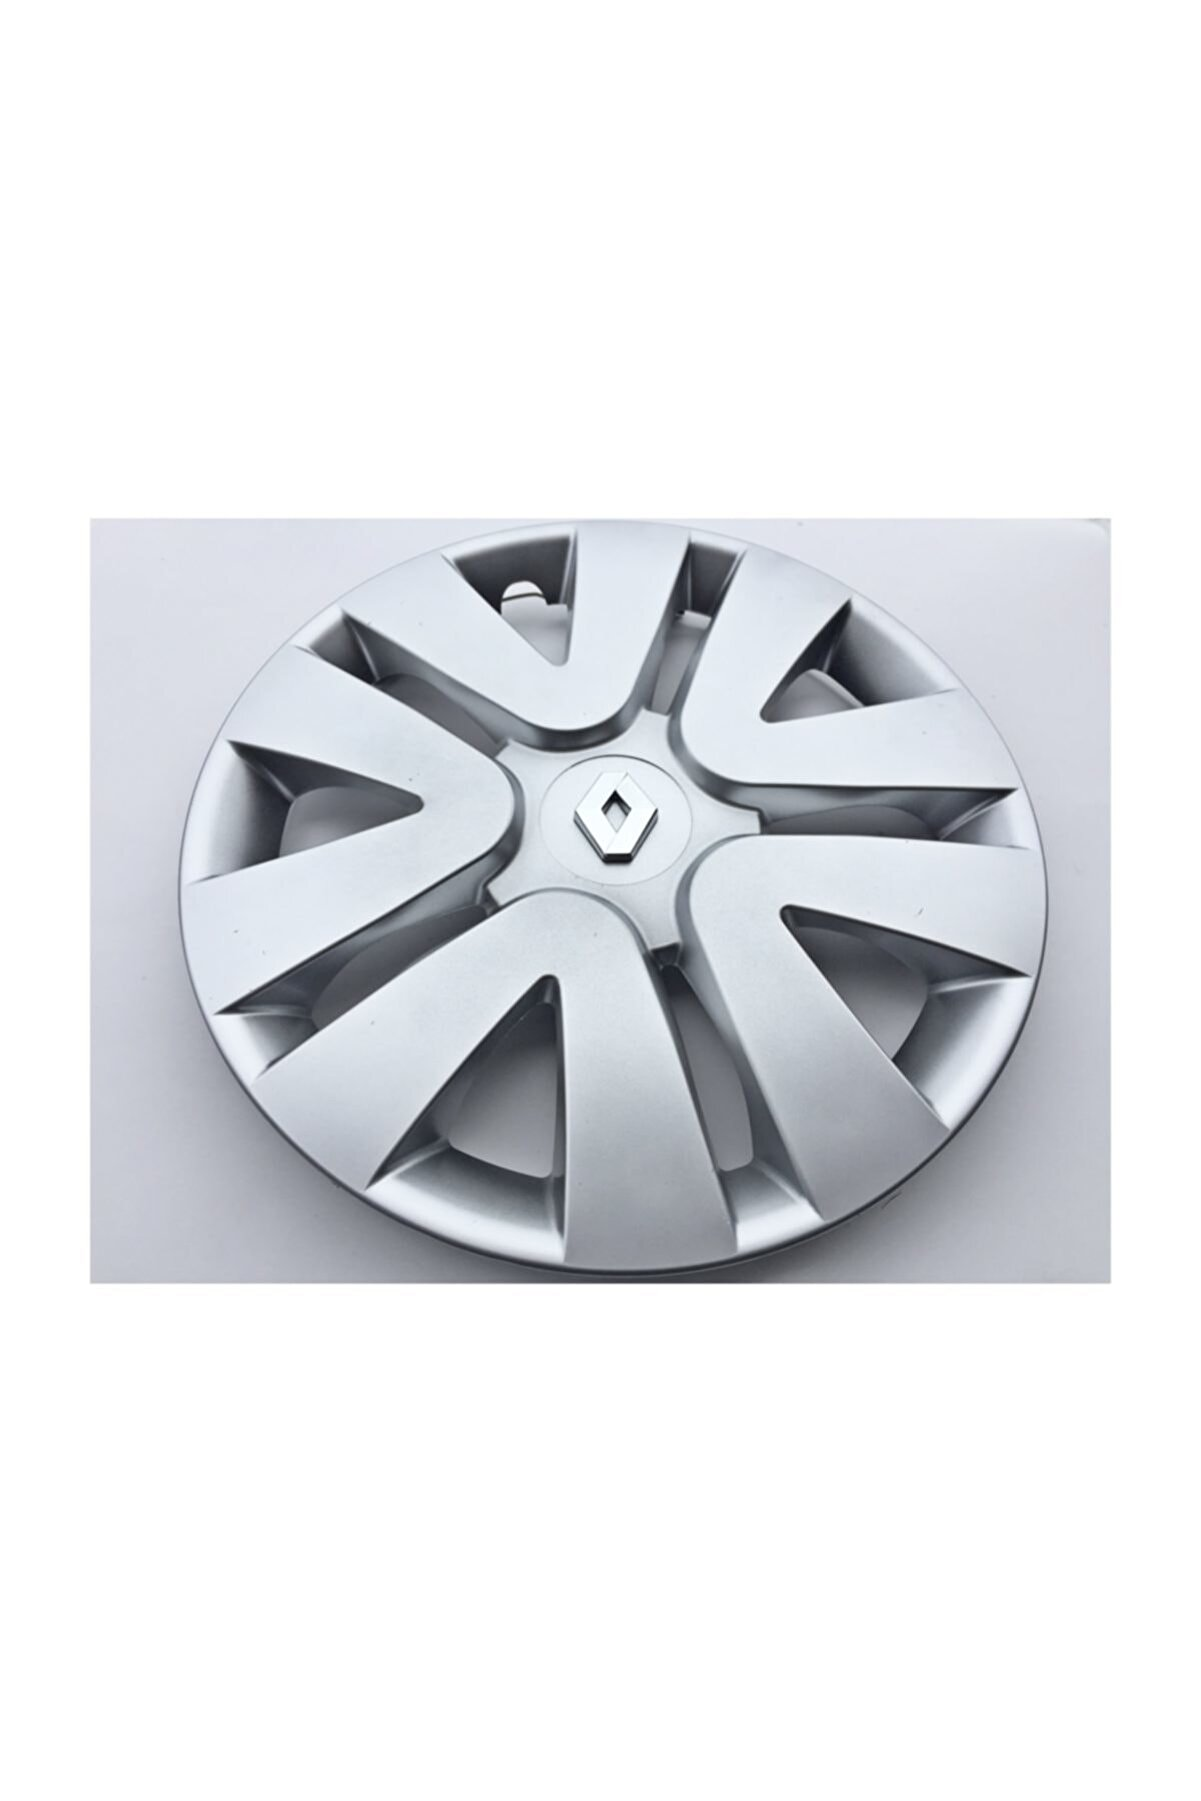 Seta Renault Fluence 15'' Inç Jant Kapağı 4 Adet Kırılmaz Esnek - Amblem Hediyeli